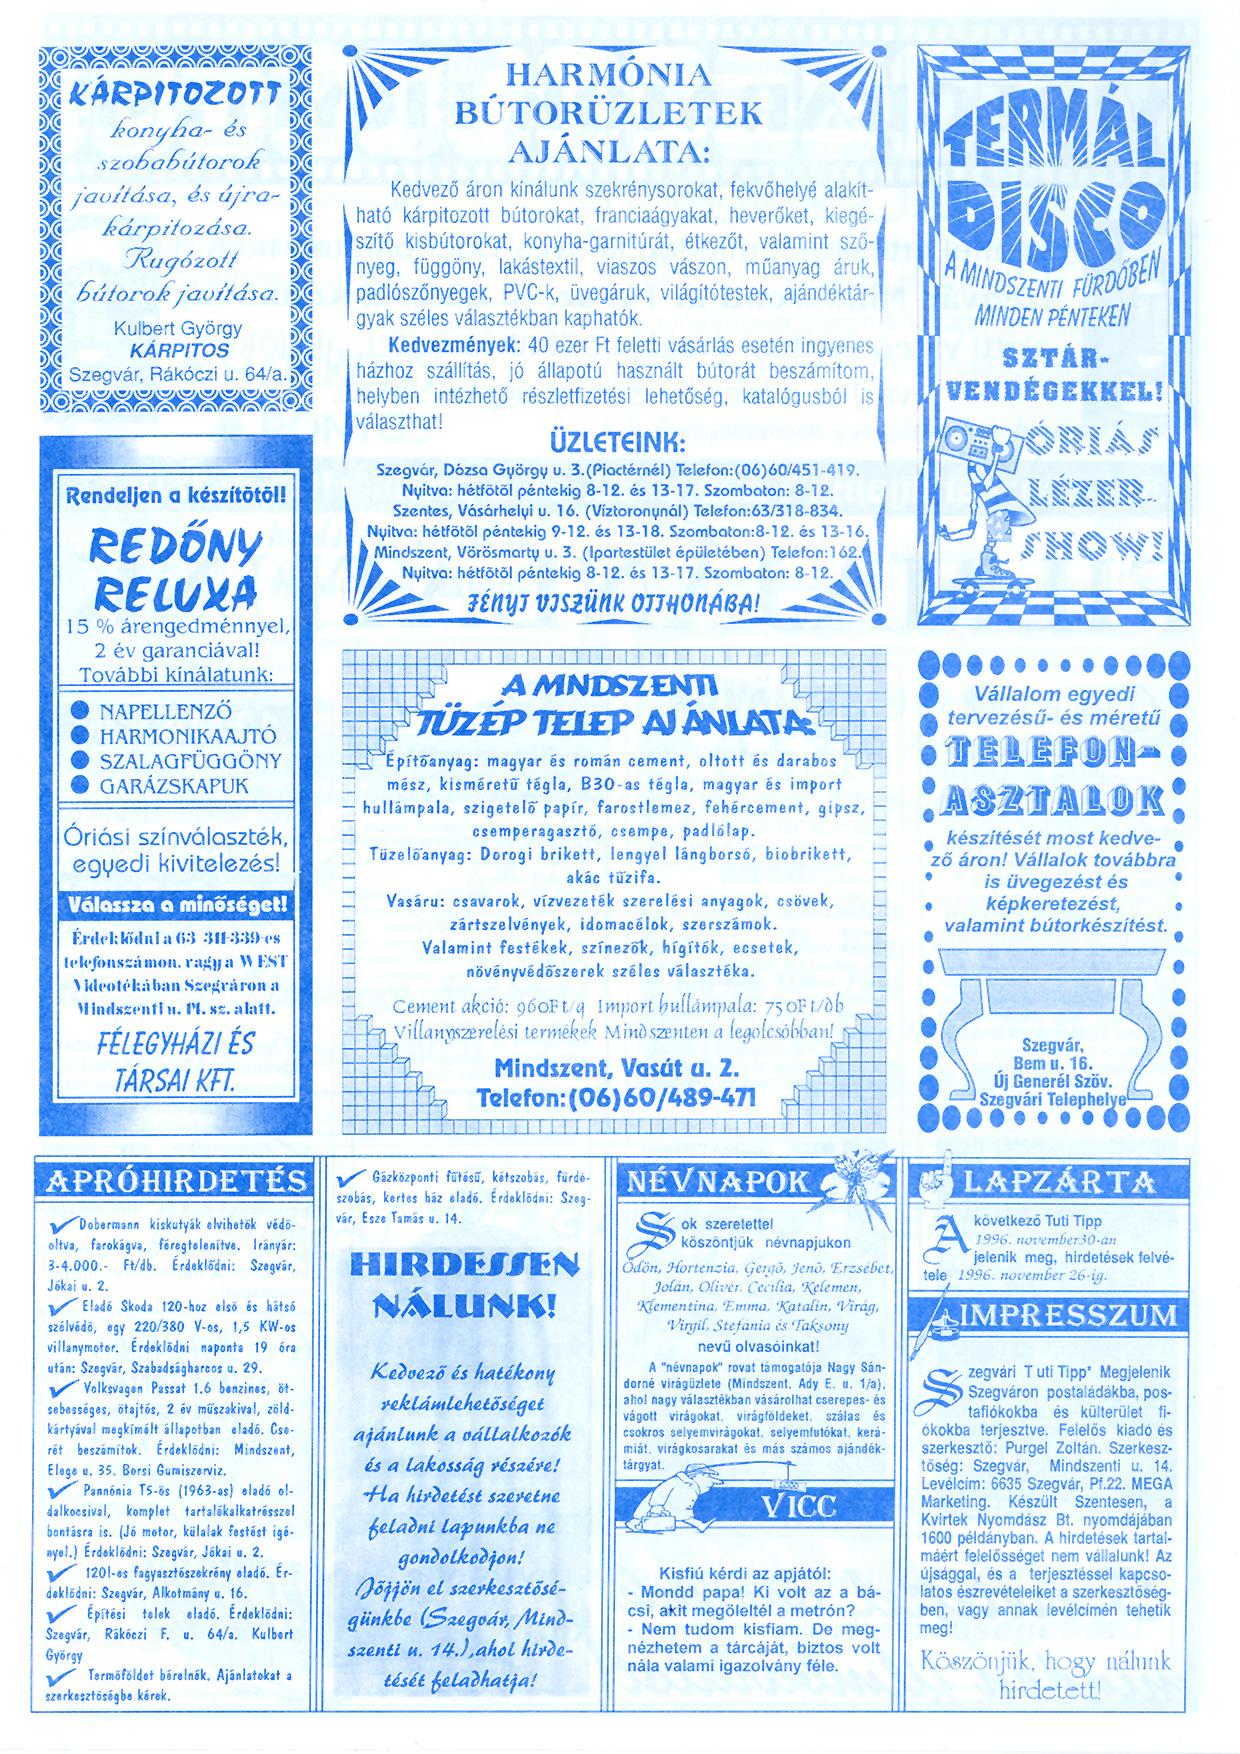 070 Szegvári Tuti Tipp reklámújság - 19961116-034. lapszám - 4.oldal - II. évfolyam.jpg